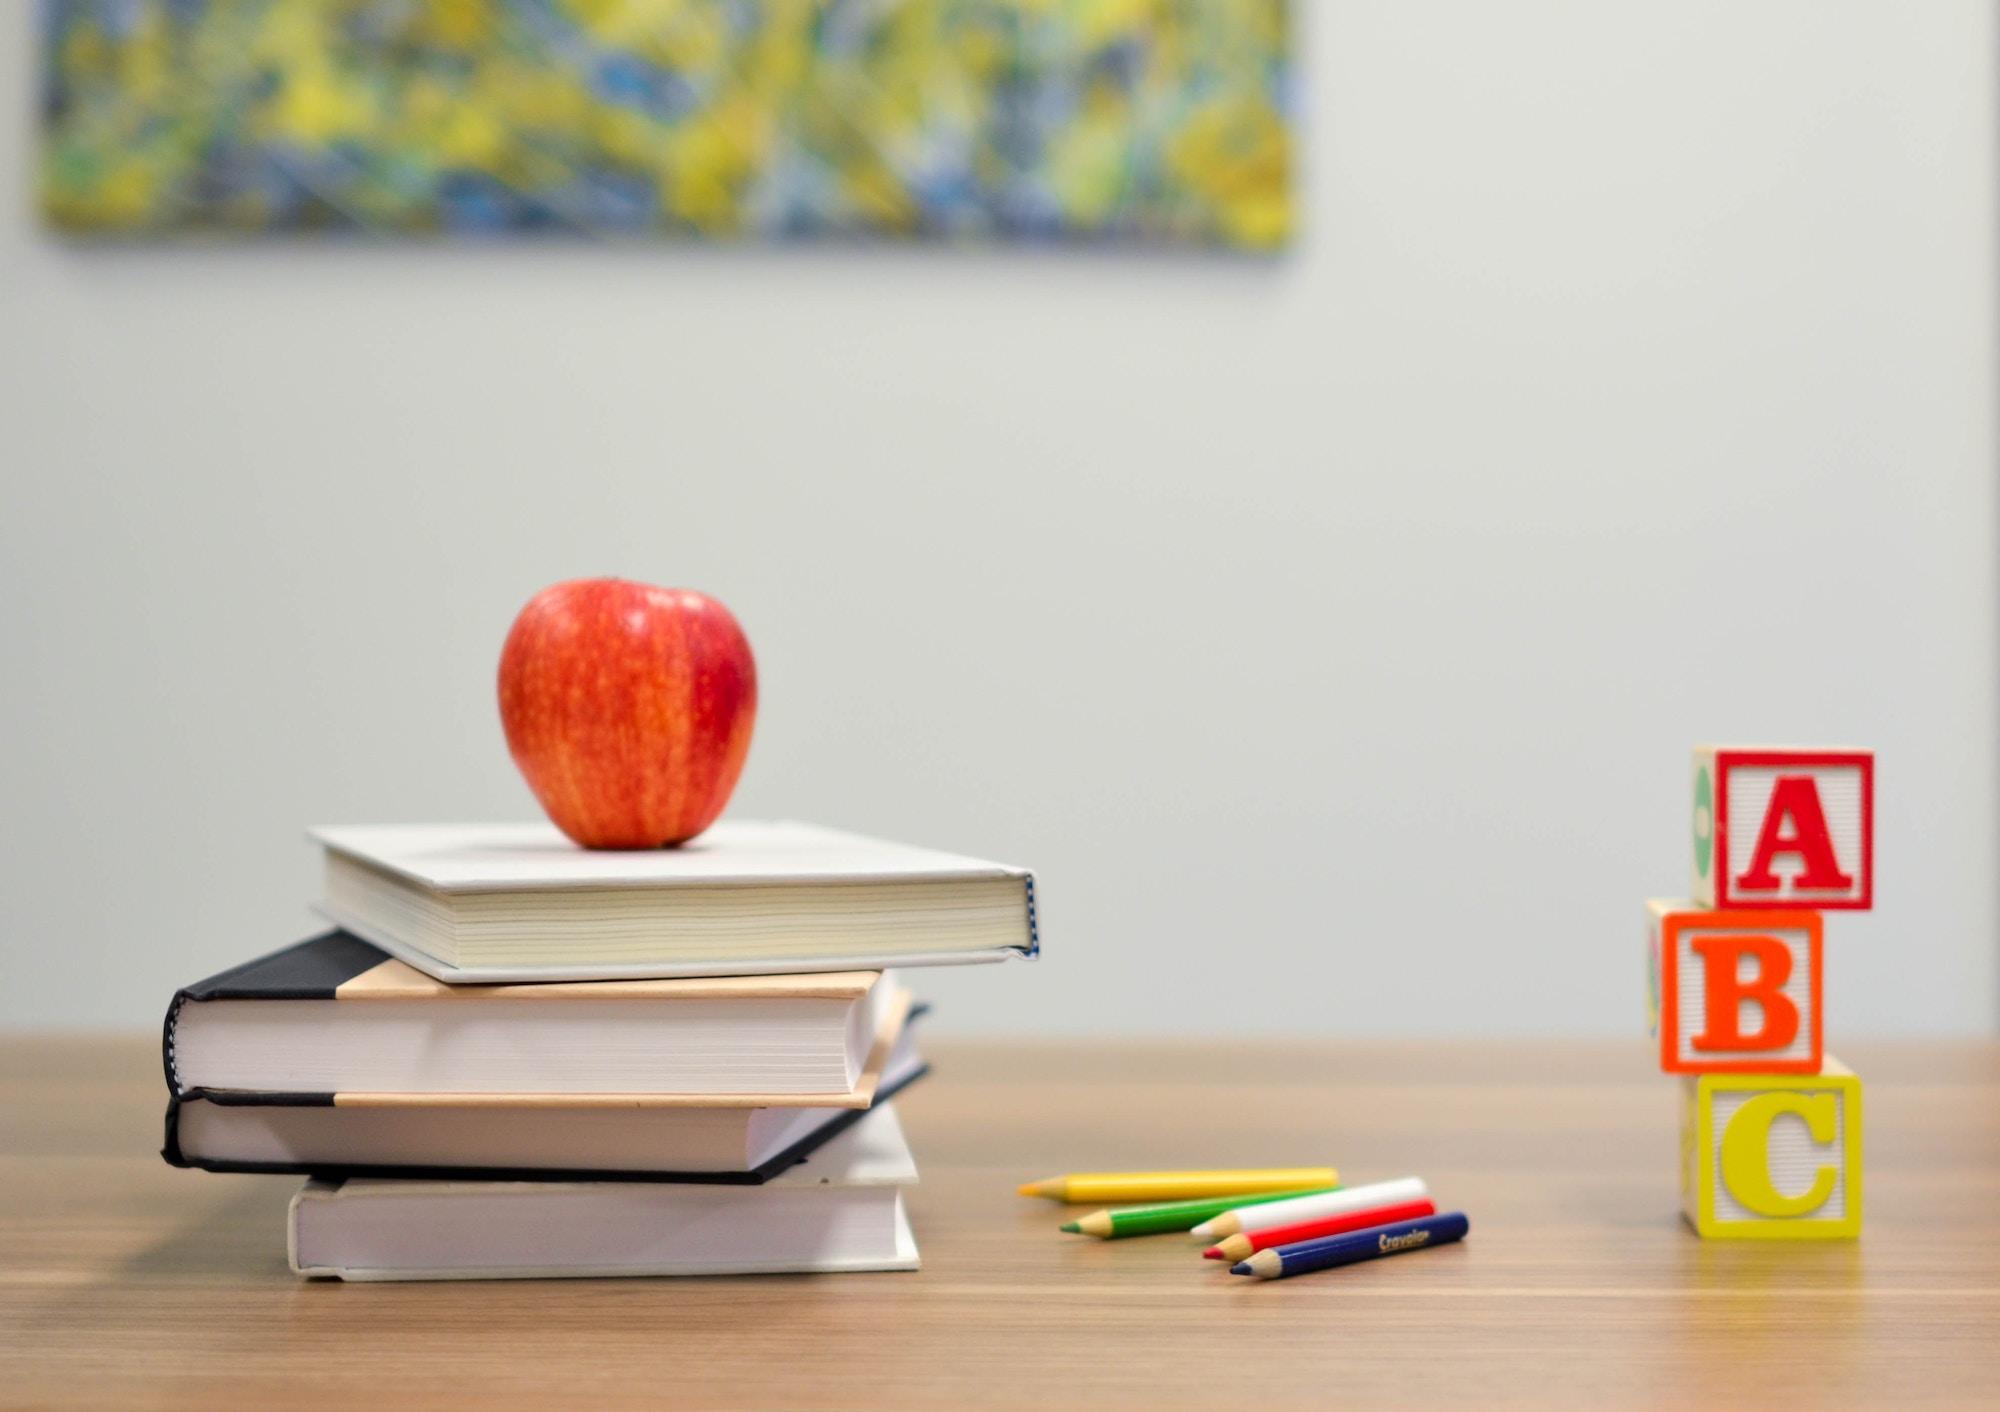 Lista rzeczy potrzebnych do pierwszej klasy. Wyprawka dla pierwszoklasisty.